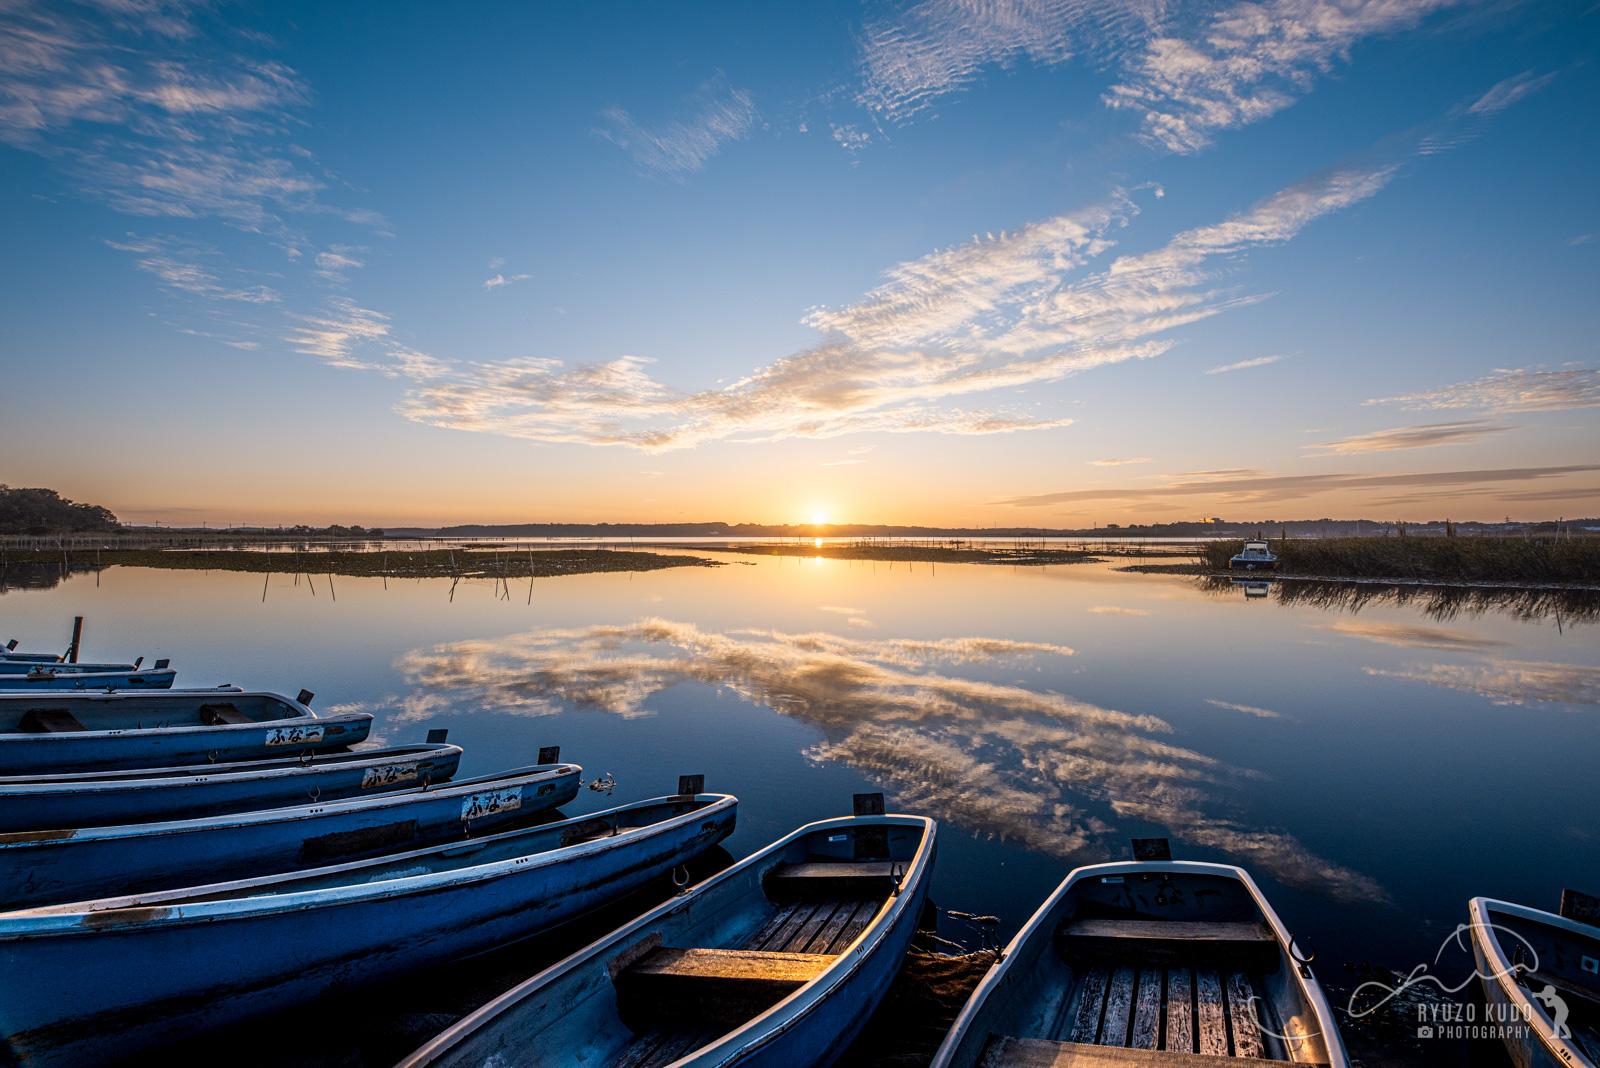 静かに夜が明ける印旛沼を体感、ようやく見に行けた朝焼け